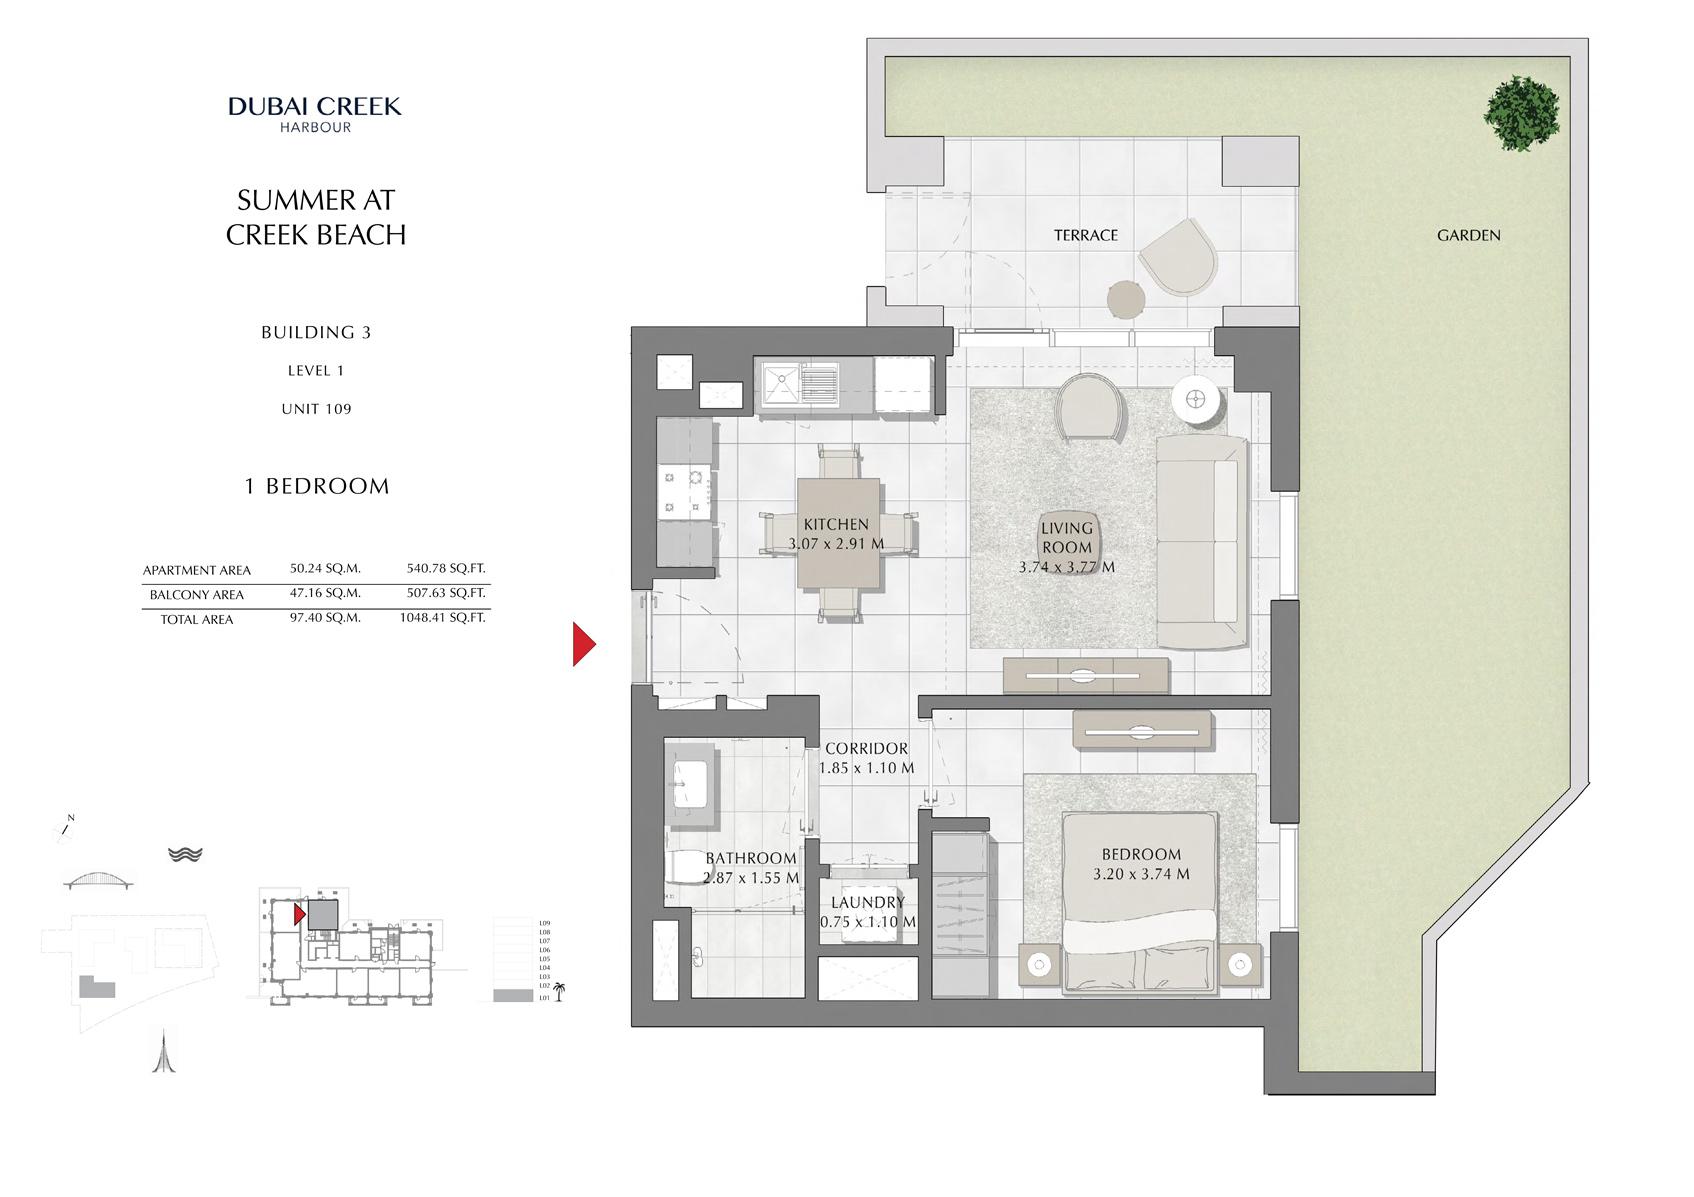 1 Br Building 3 Level 1 Unit 109, Size 1048 Sq Ft